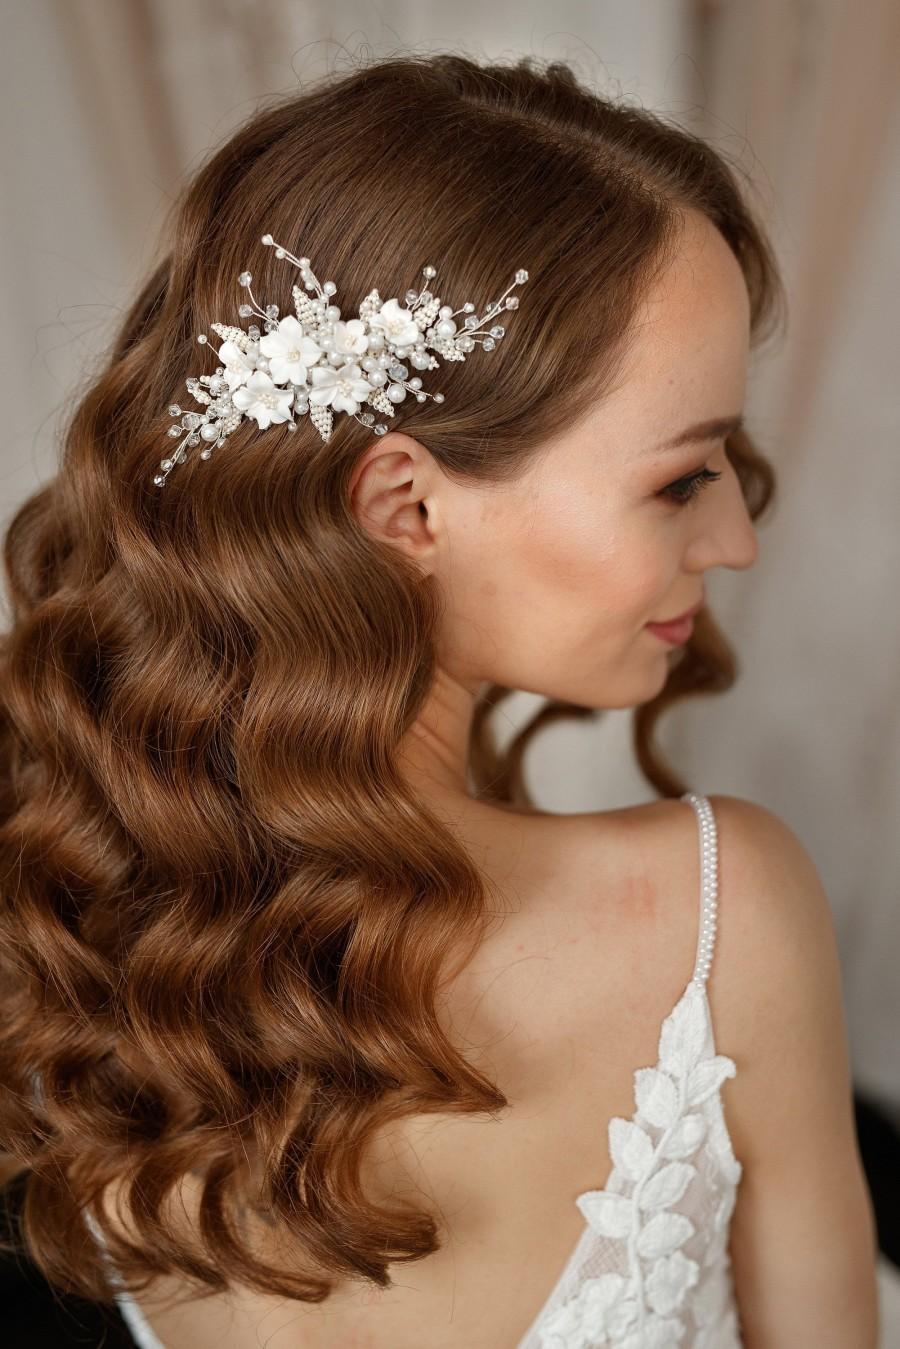 Wedding - Pearl Bridal Hair Comb, Silver Wedding Hair Vine, Wedding Flower Comb, Floral Hair Piece